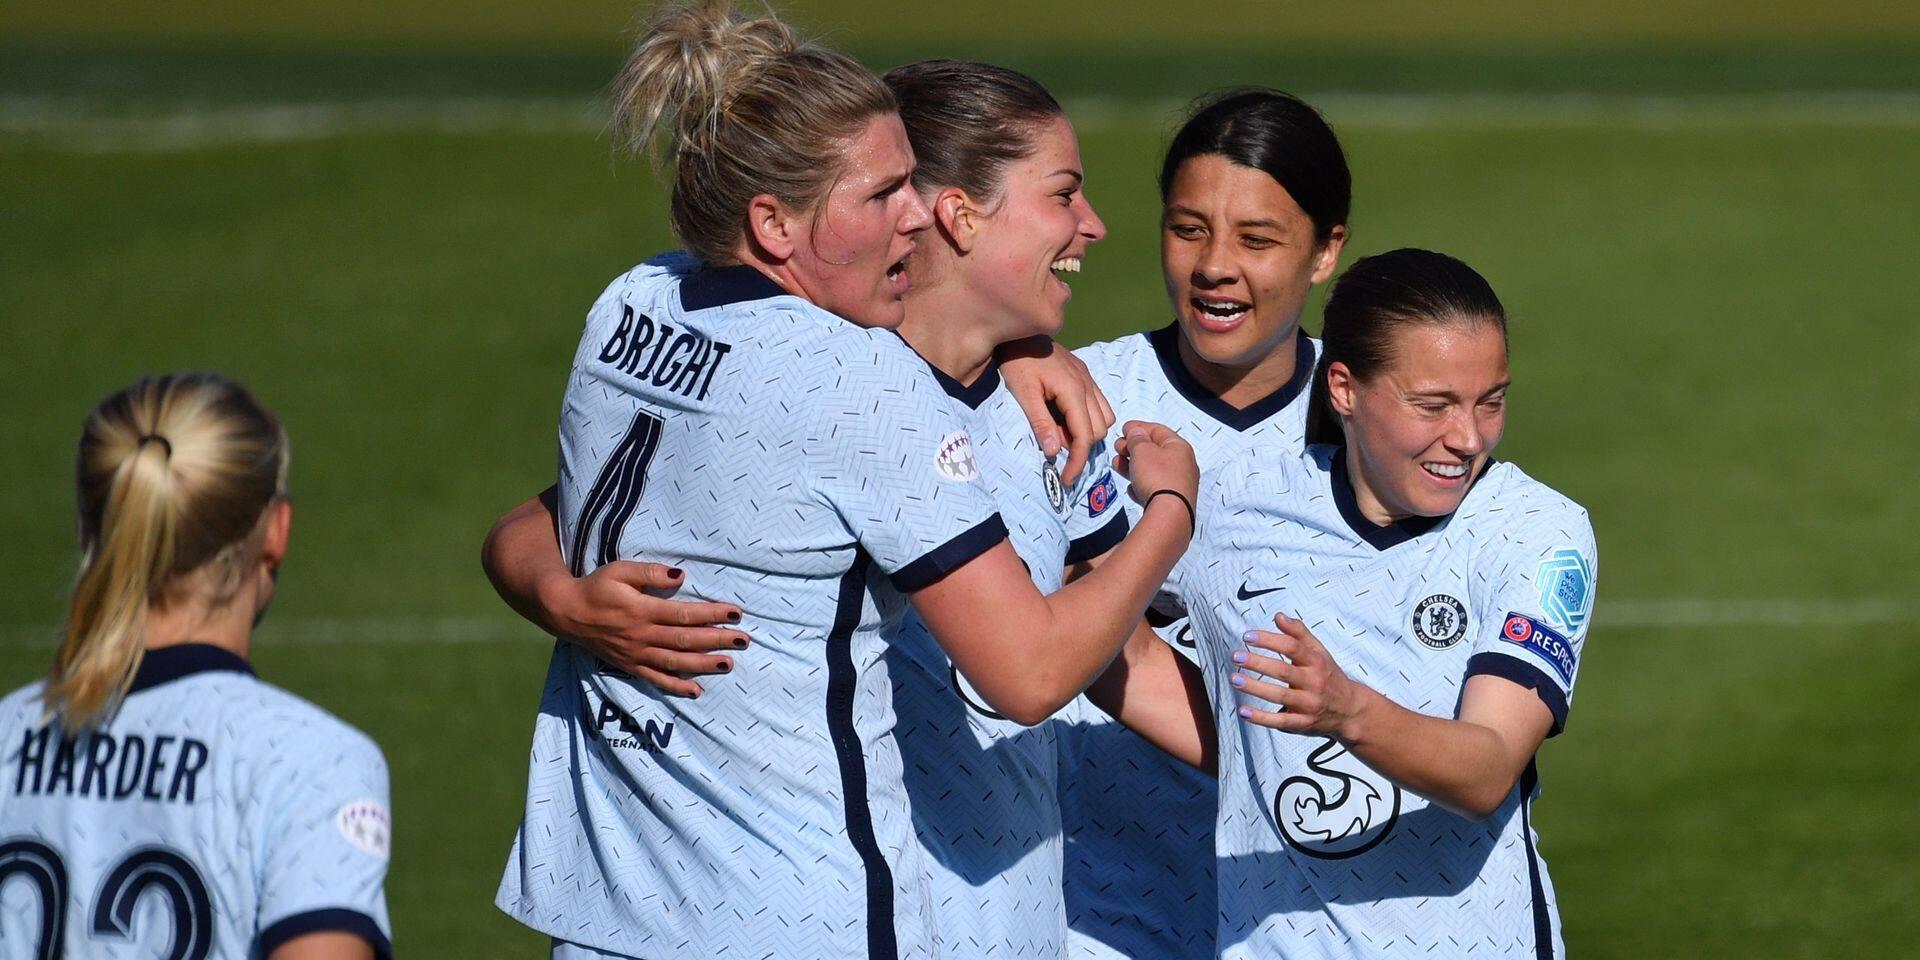 """L'UEFA consacre 24 millions au football féminin via la Ligue des champions: """"Nous démontrons que nous veillons aux intérêts à long terme du sport"""""""